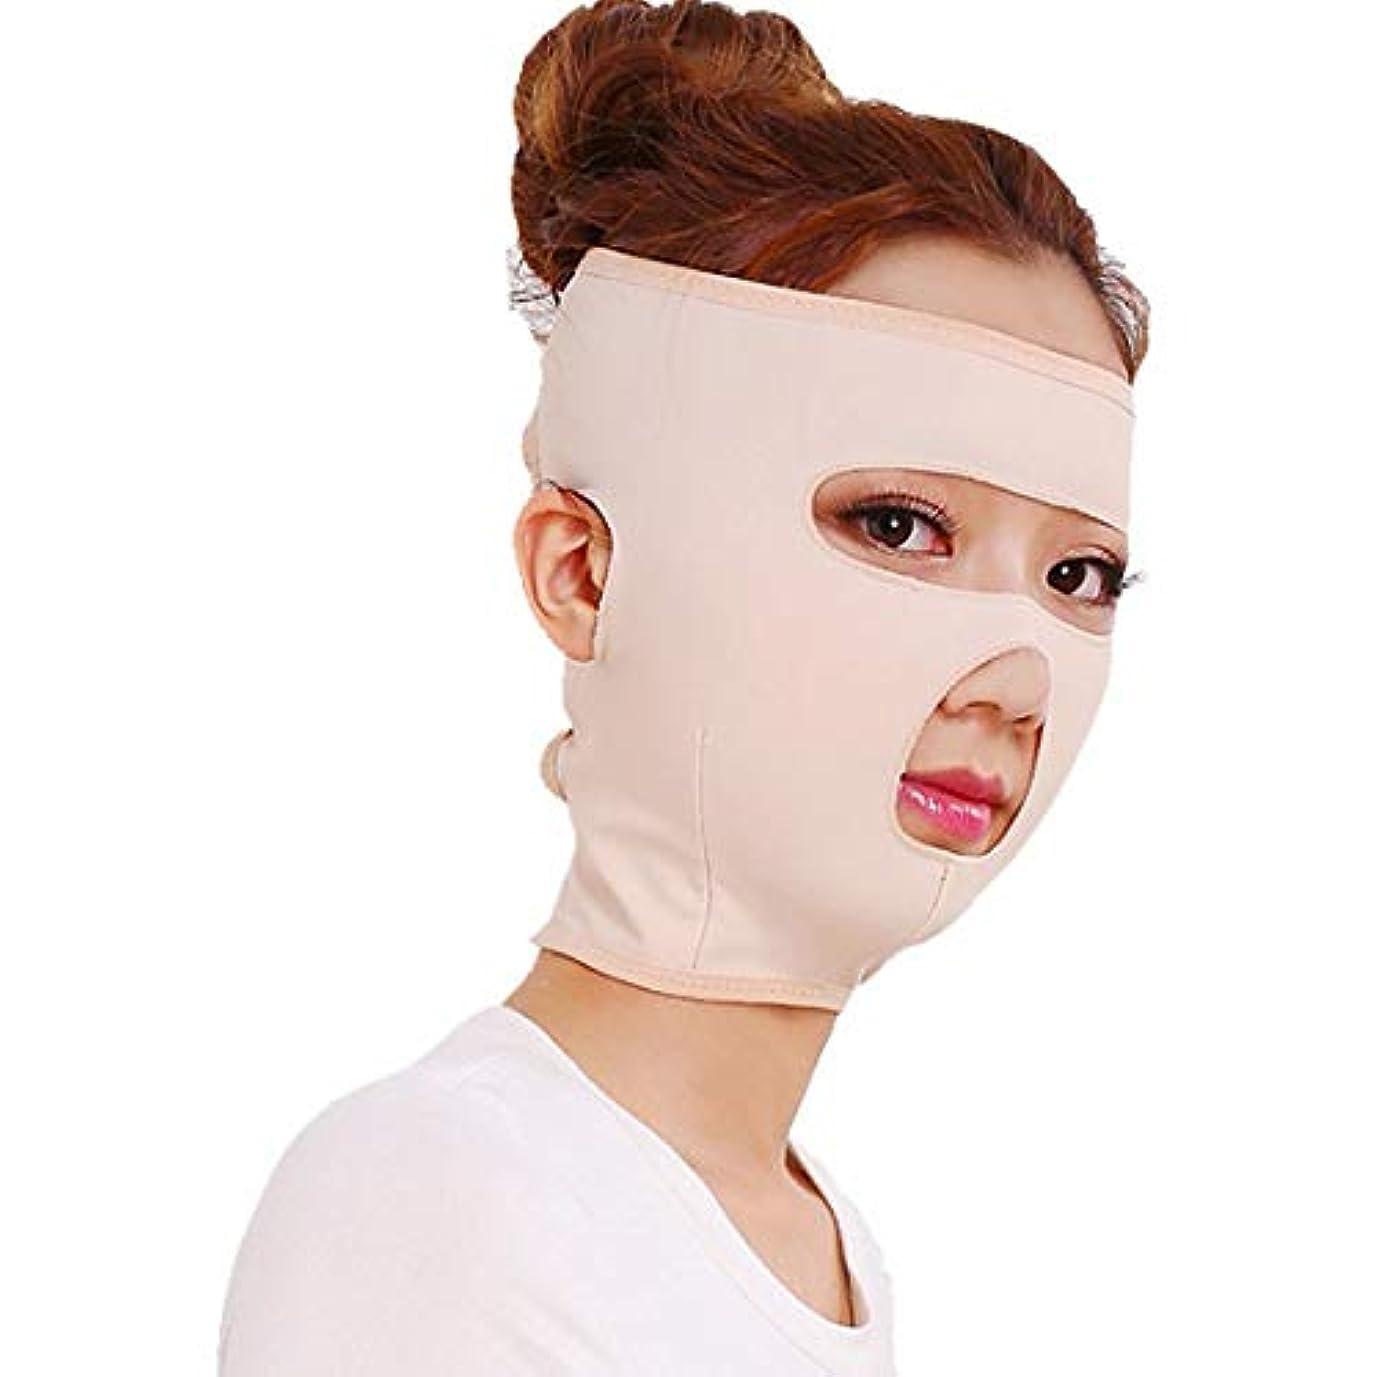 放映従事した哲学的ZWBD フェイスマスク, 顔を持ち上げる包帯二重あごV薄い顔のステッカー美しさを持ち上げる包帯引き締め顔をしわを削除する